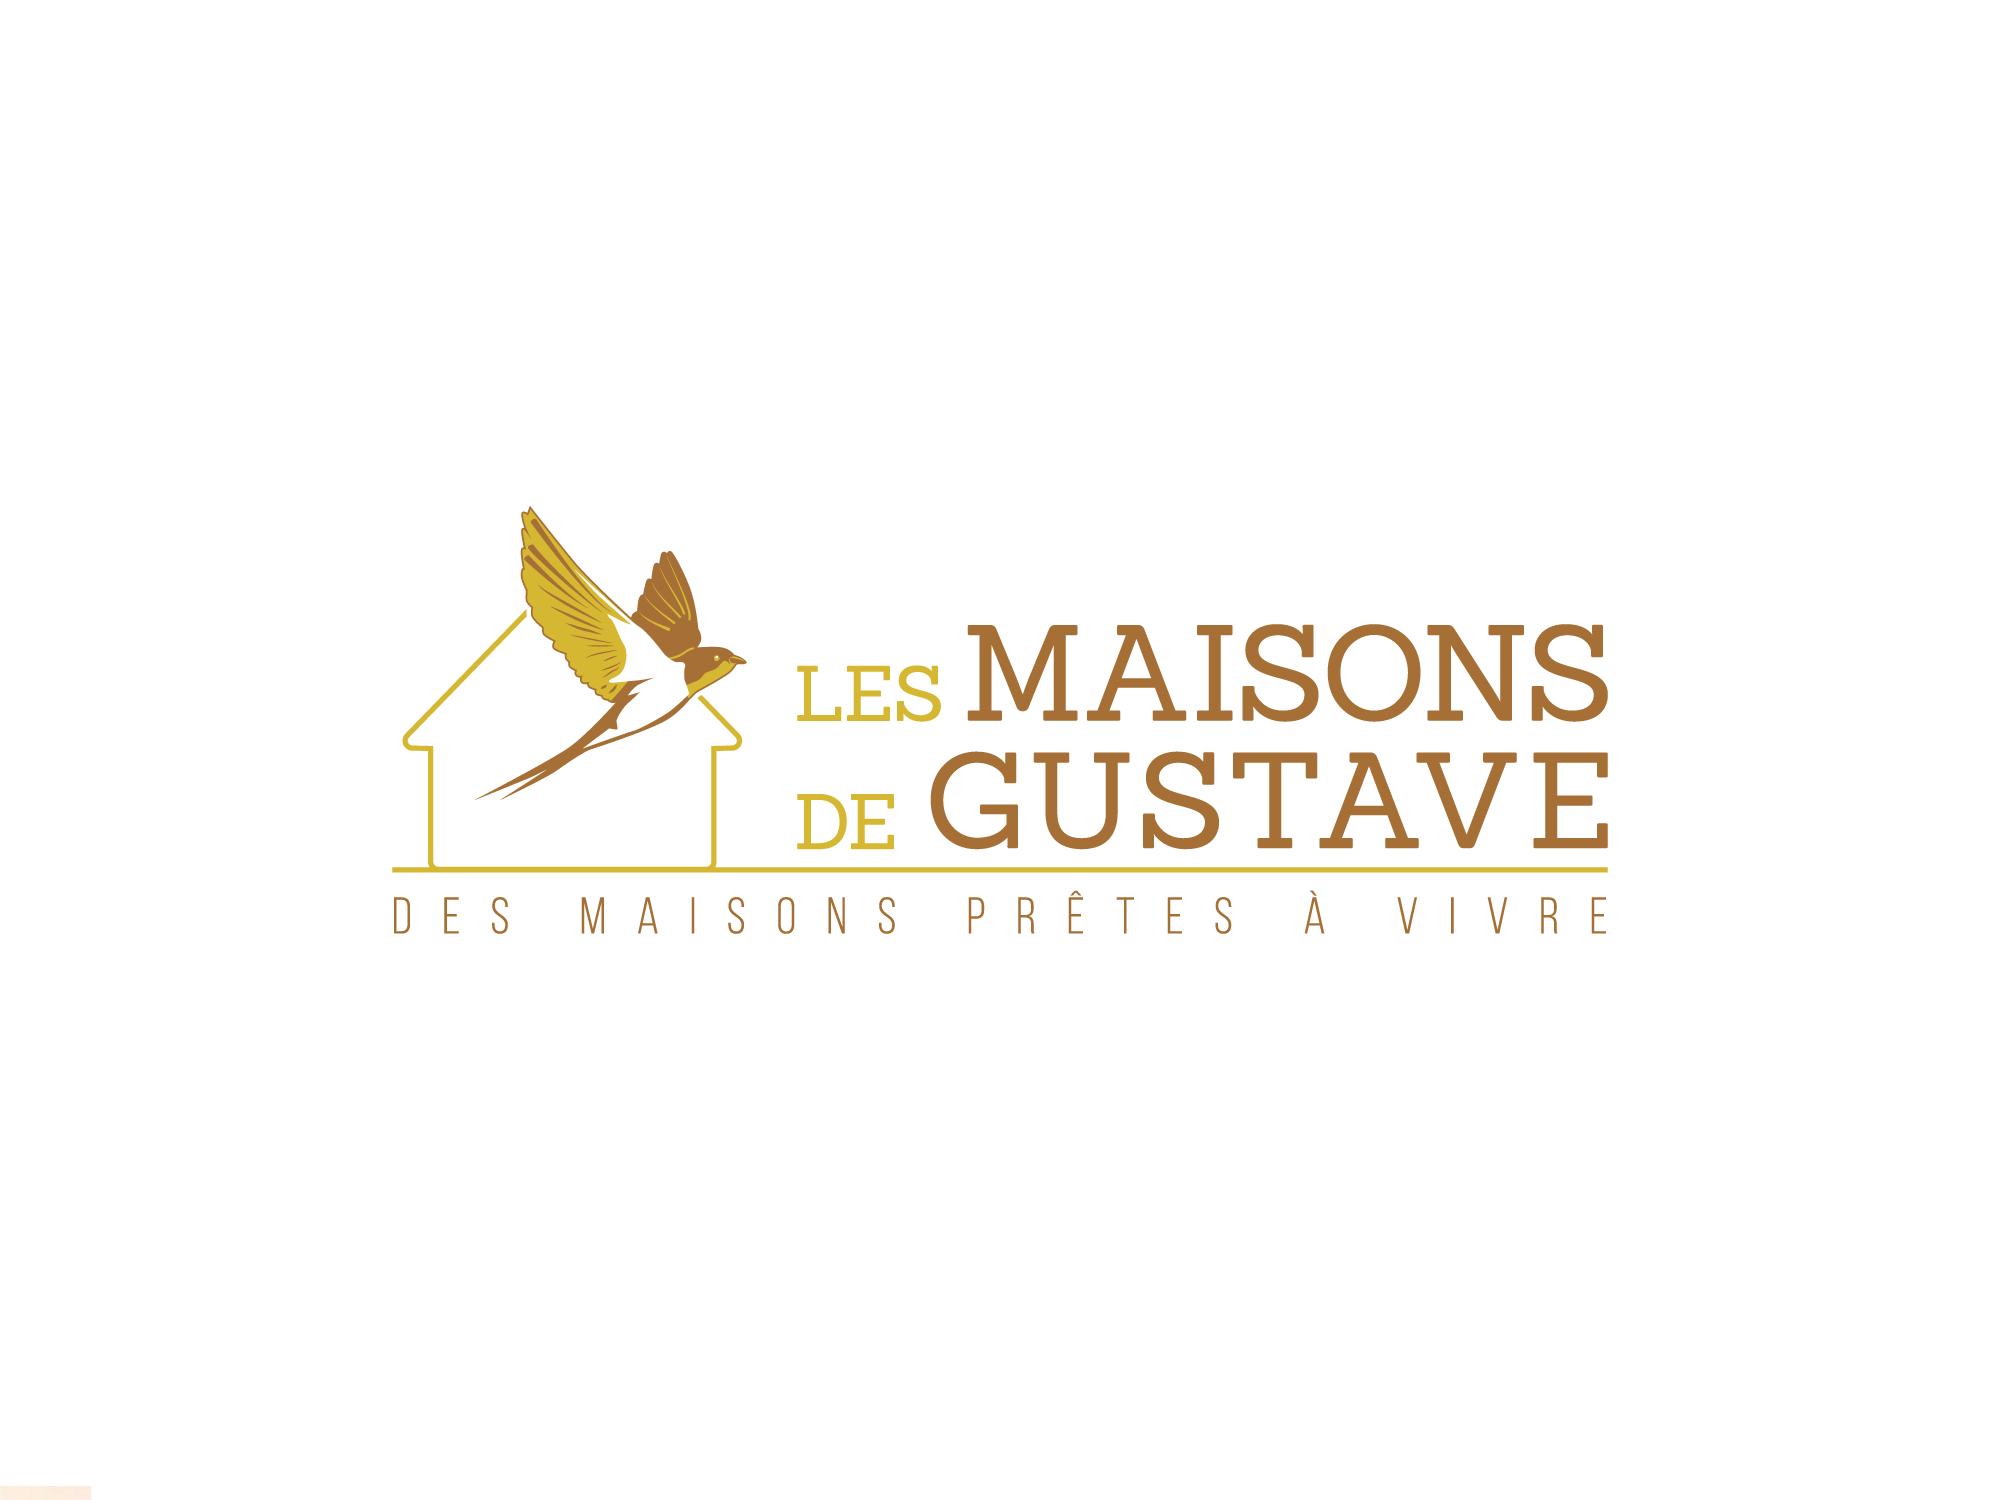 Créer un logo symbolique et marquant pour Les maisons de Gustave